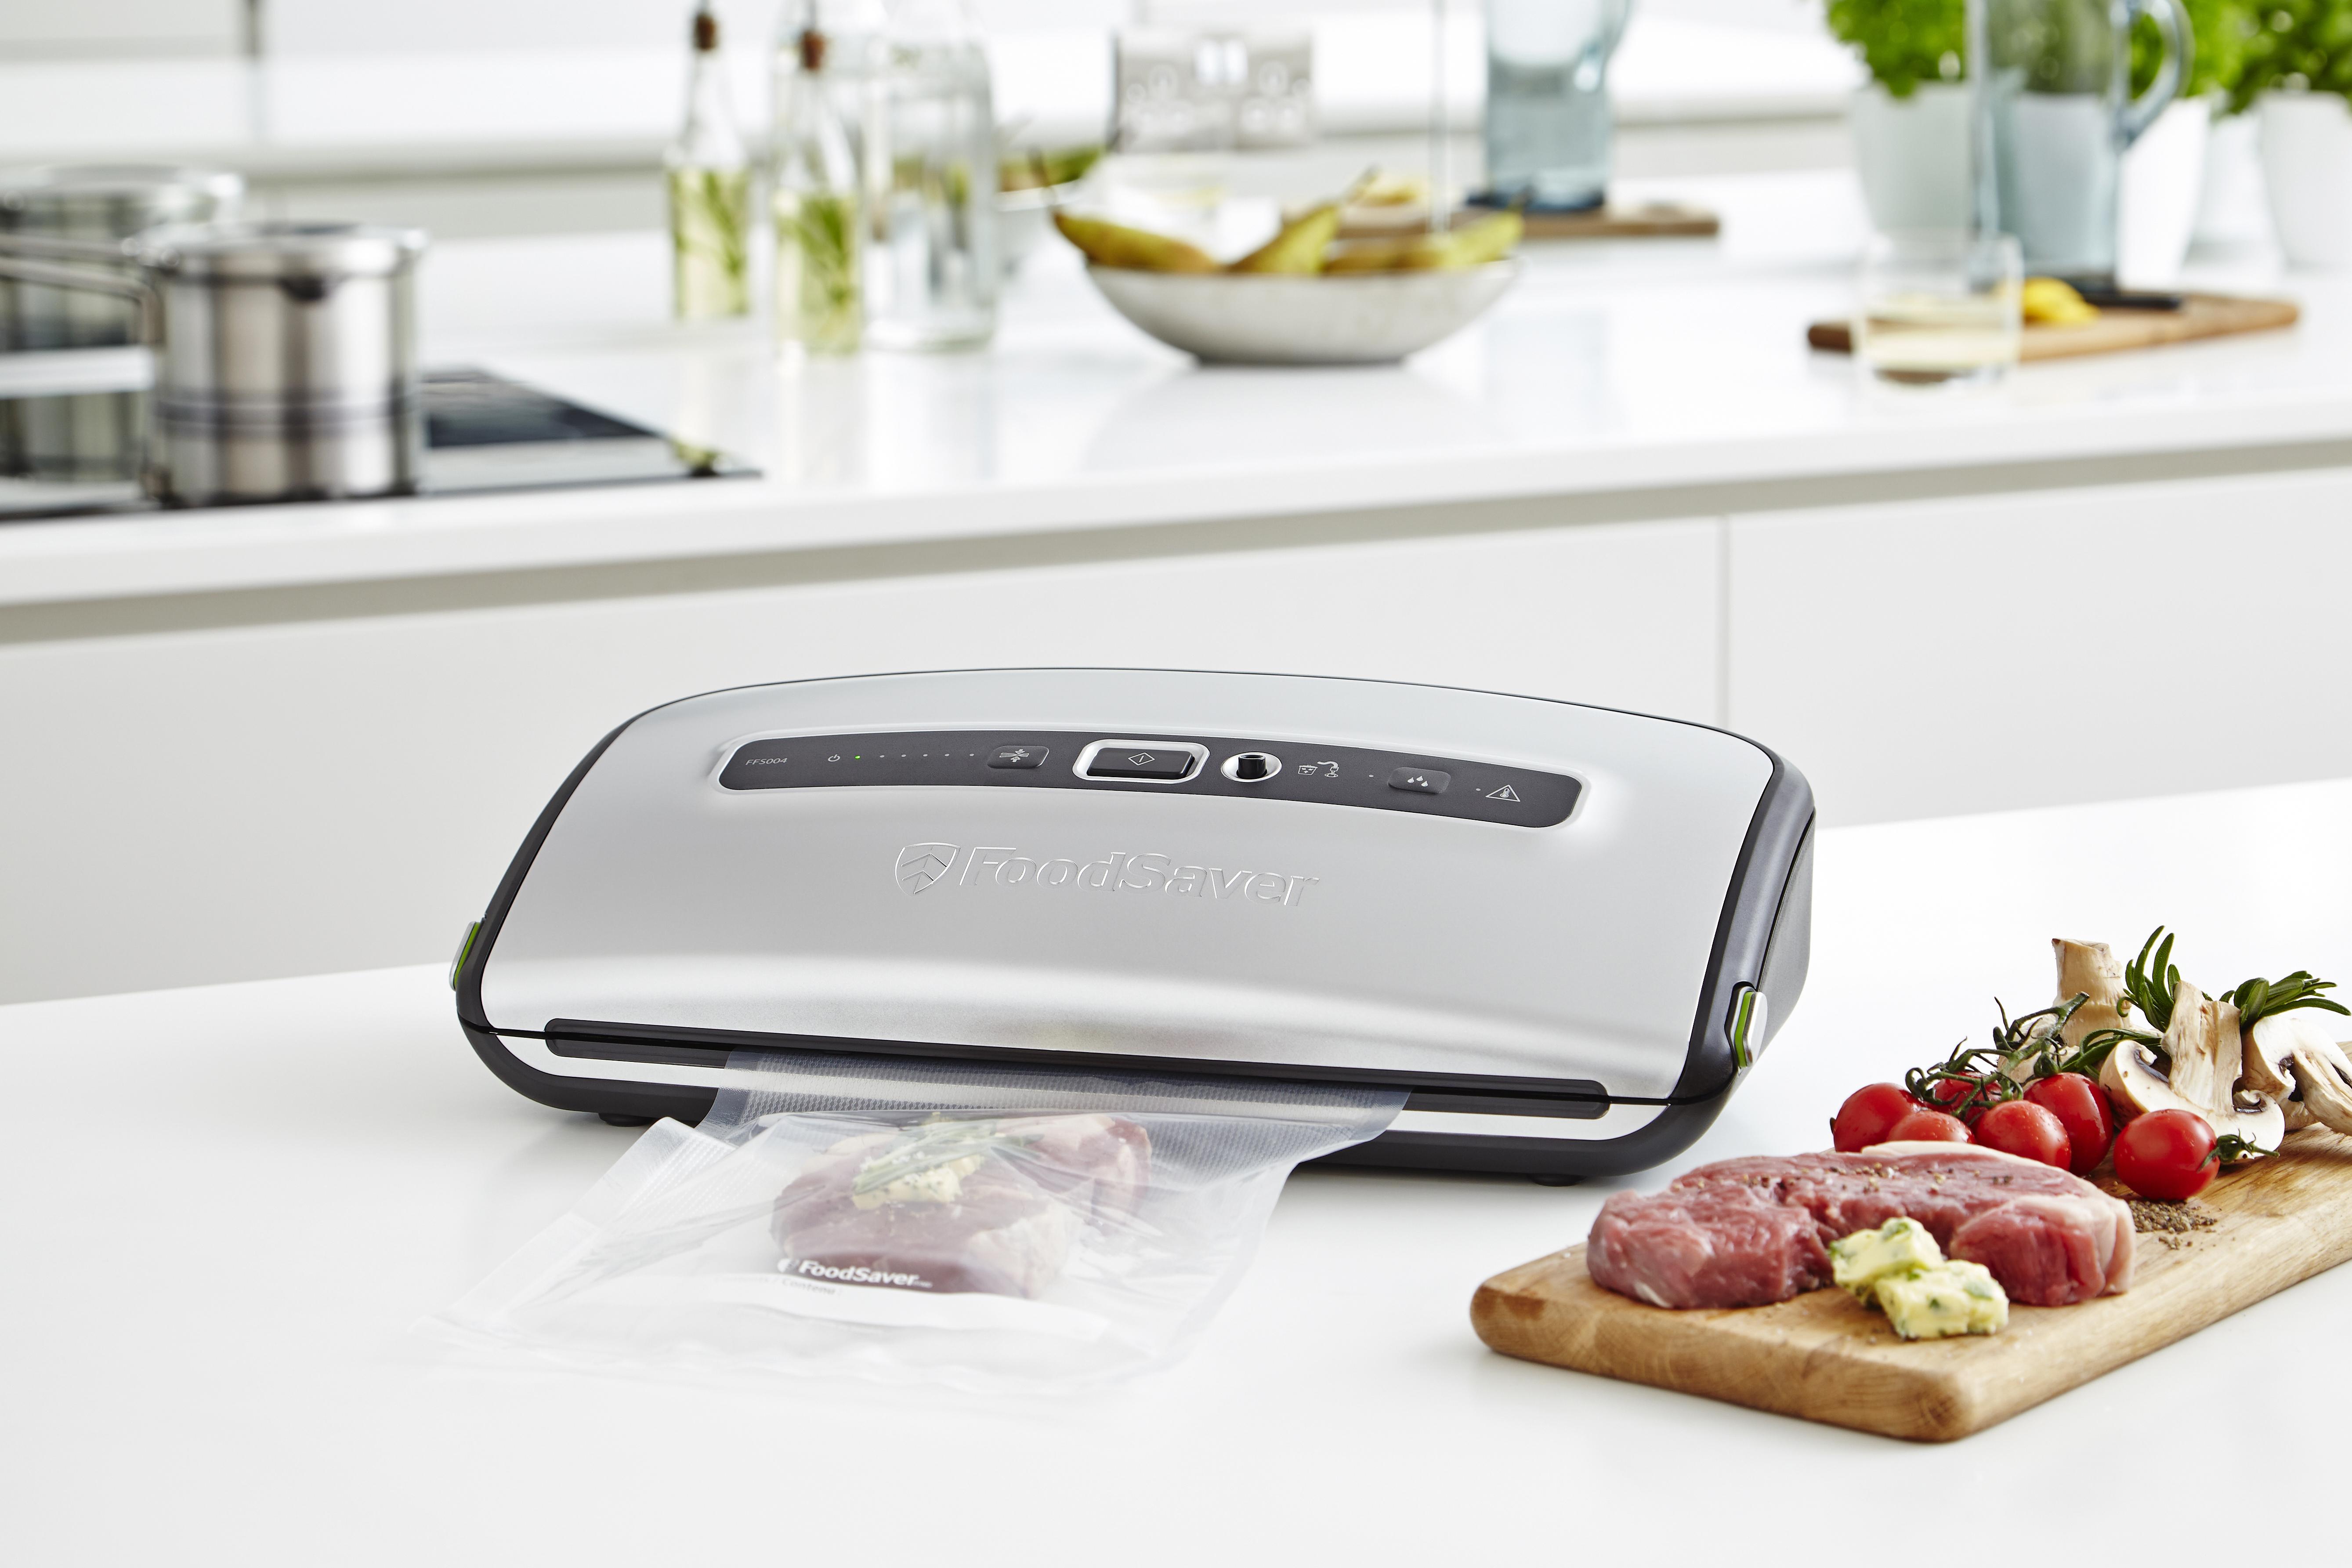 Pakowanie próżniowe staje się częścią stylu życia. Można zapakować oddzielnie steki razem z porcją masła smakowego i zamrozić. Domowe danie gotowe.